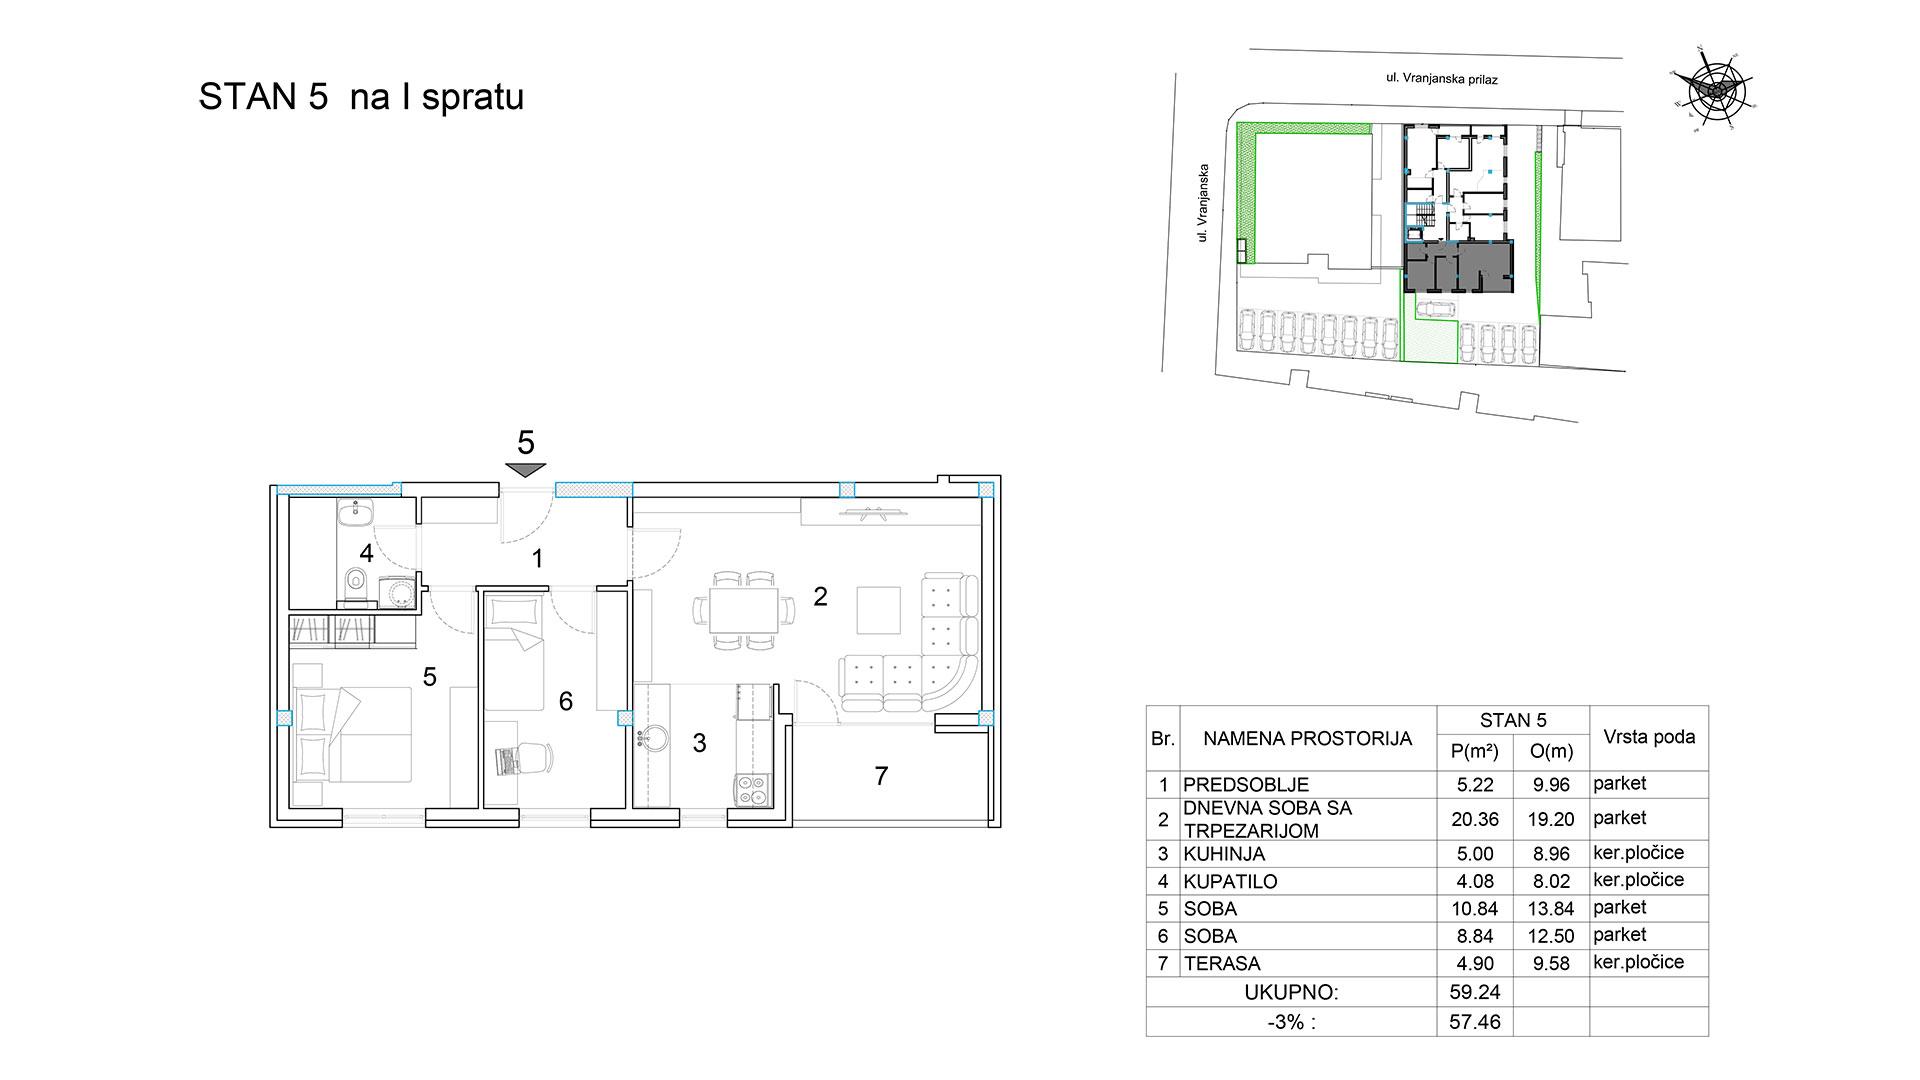 Objekat u Vranjanskoj 2A - stan 5